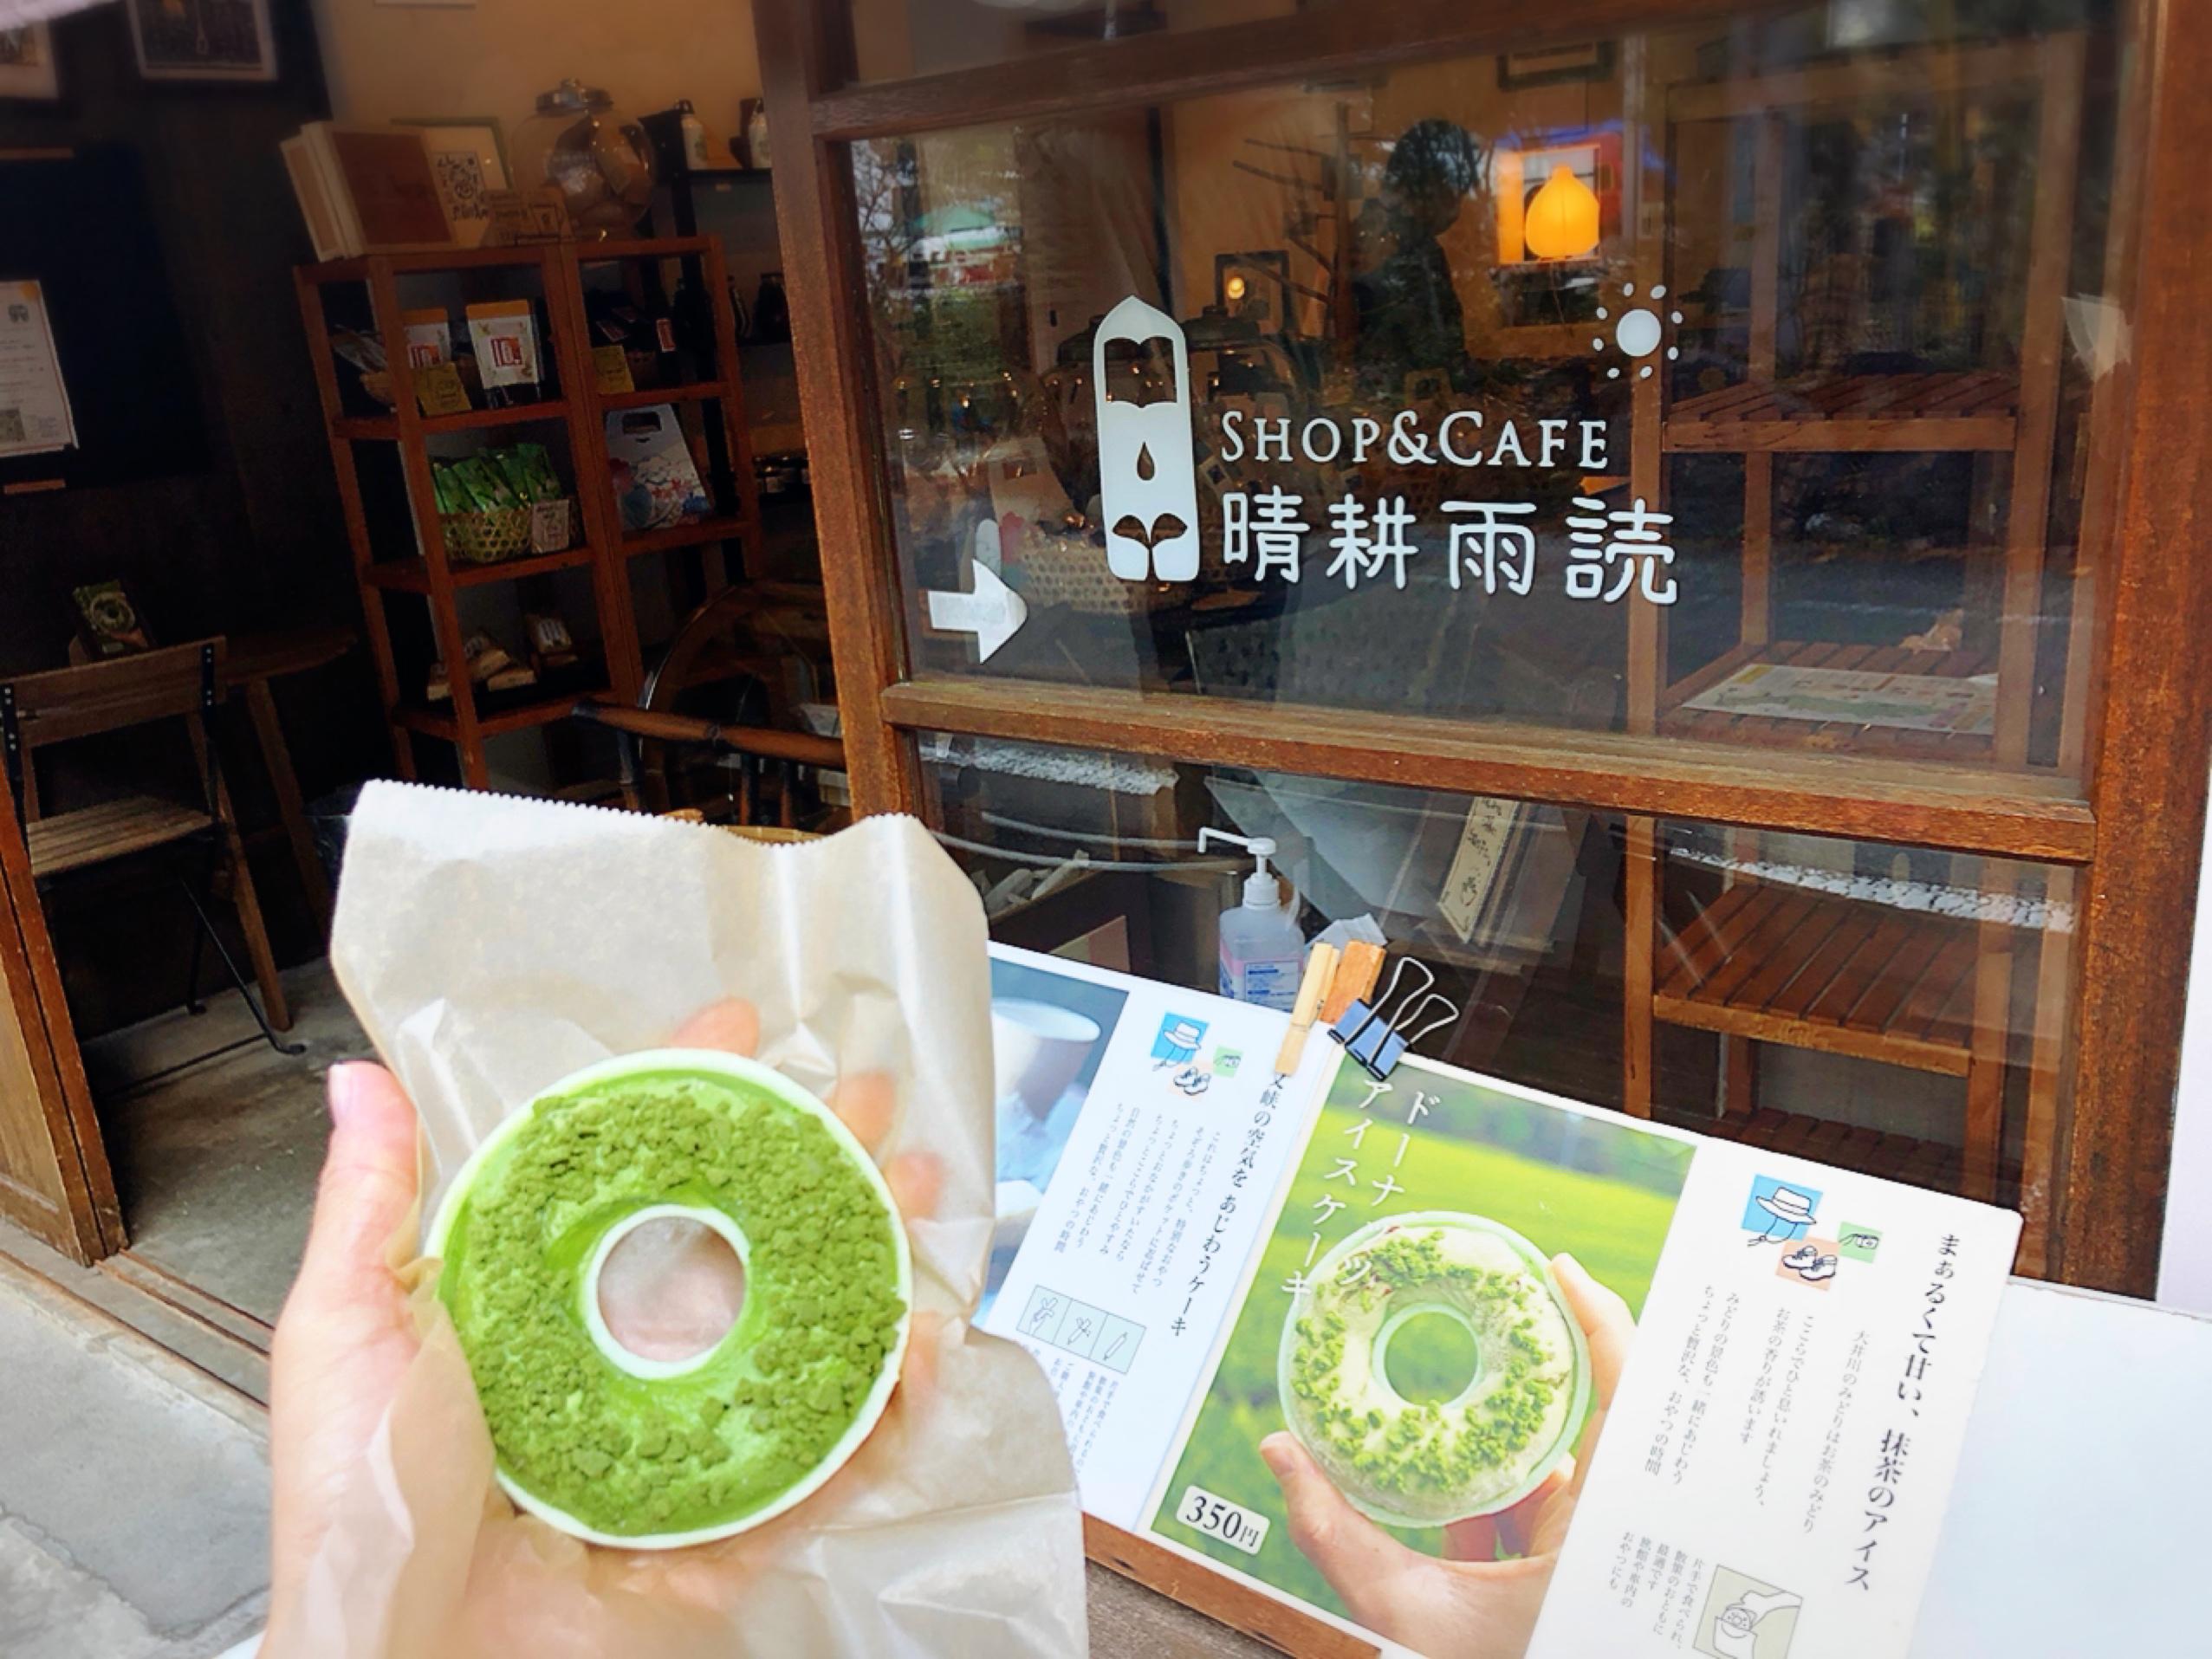 【#静岡】レトロな雰囲気が可愛い♡こだわりお煎餅と抹茶のドーナツアイス❁SHOP&CAFE 晴耕雨読_6